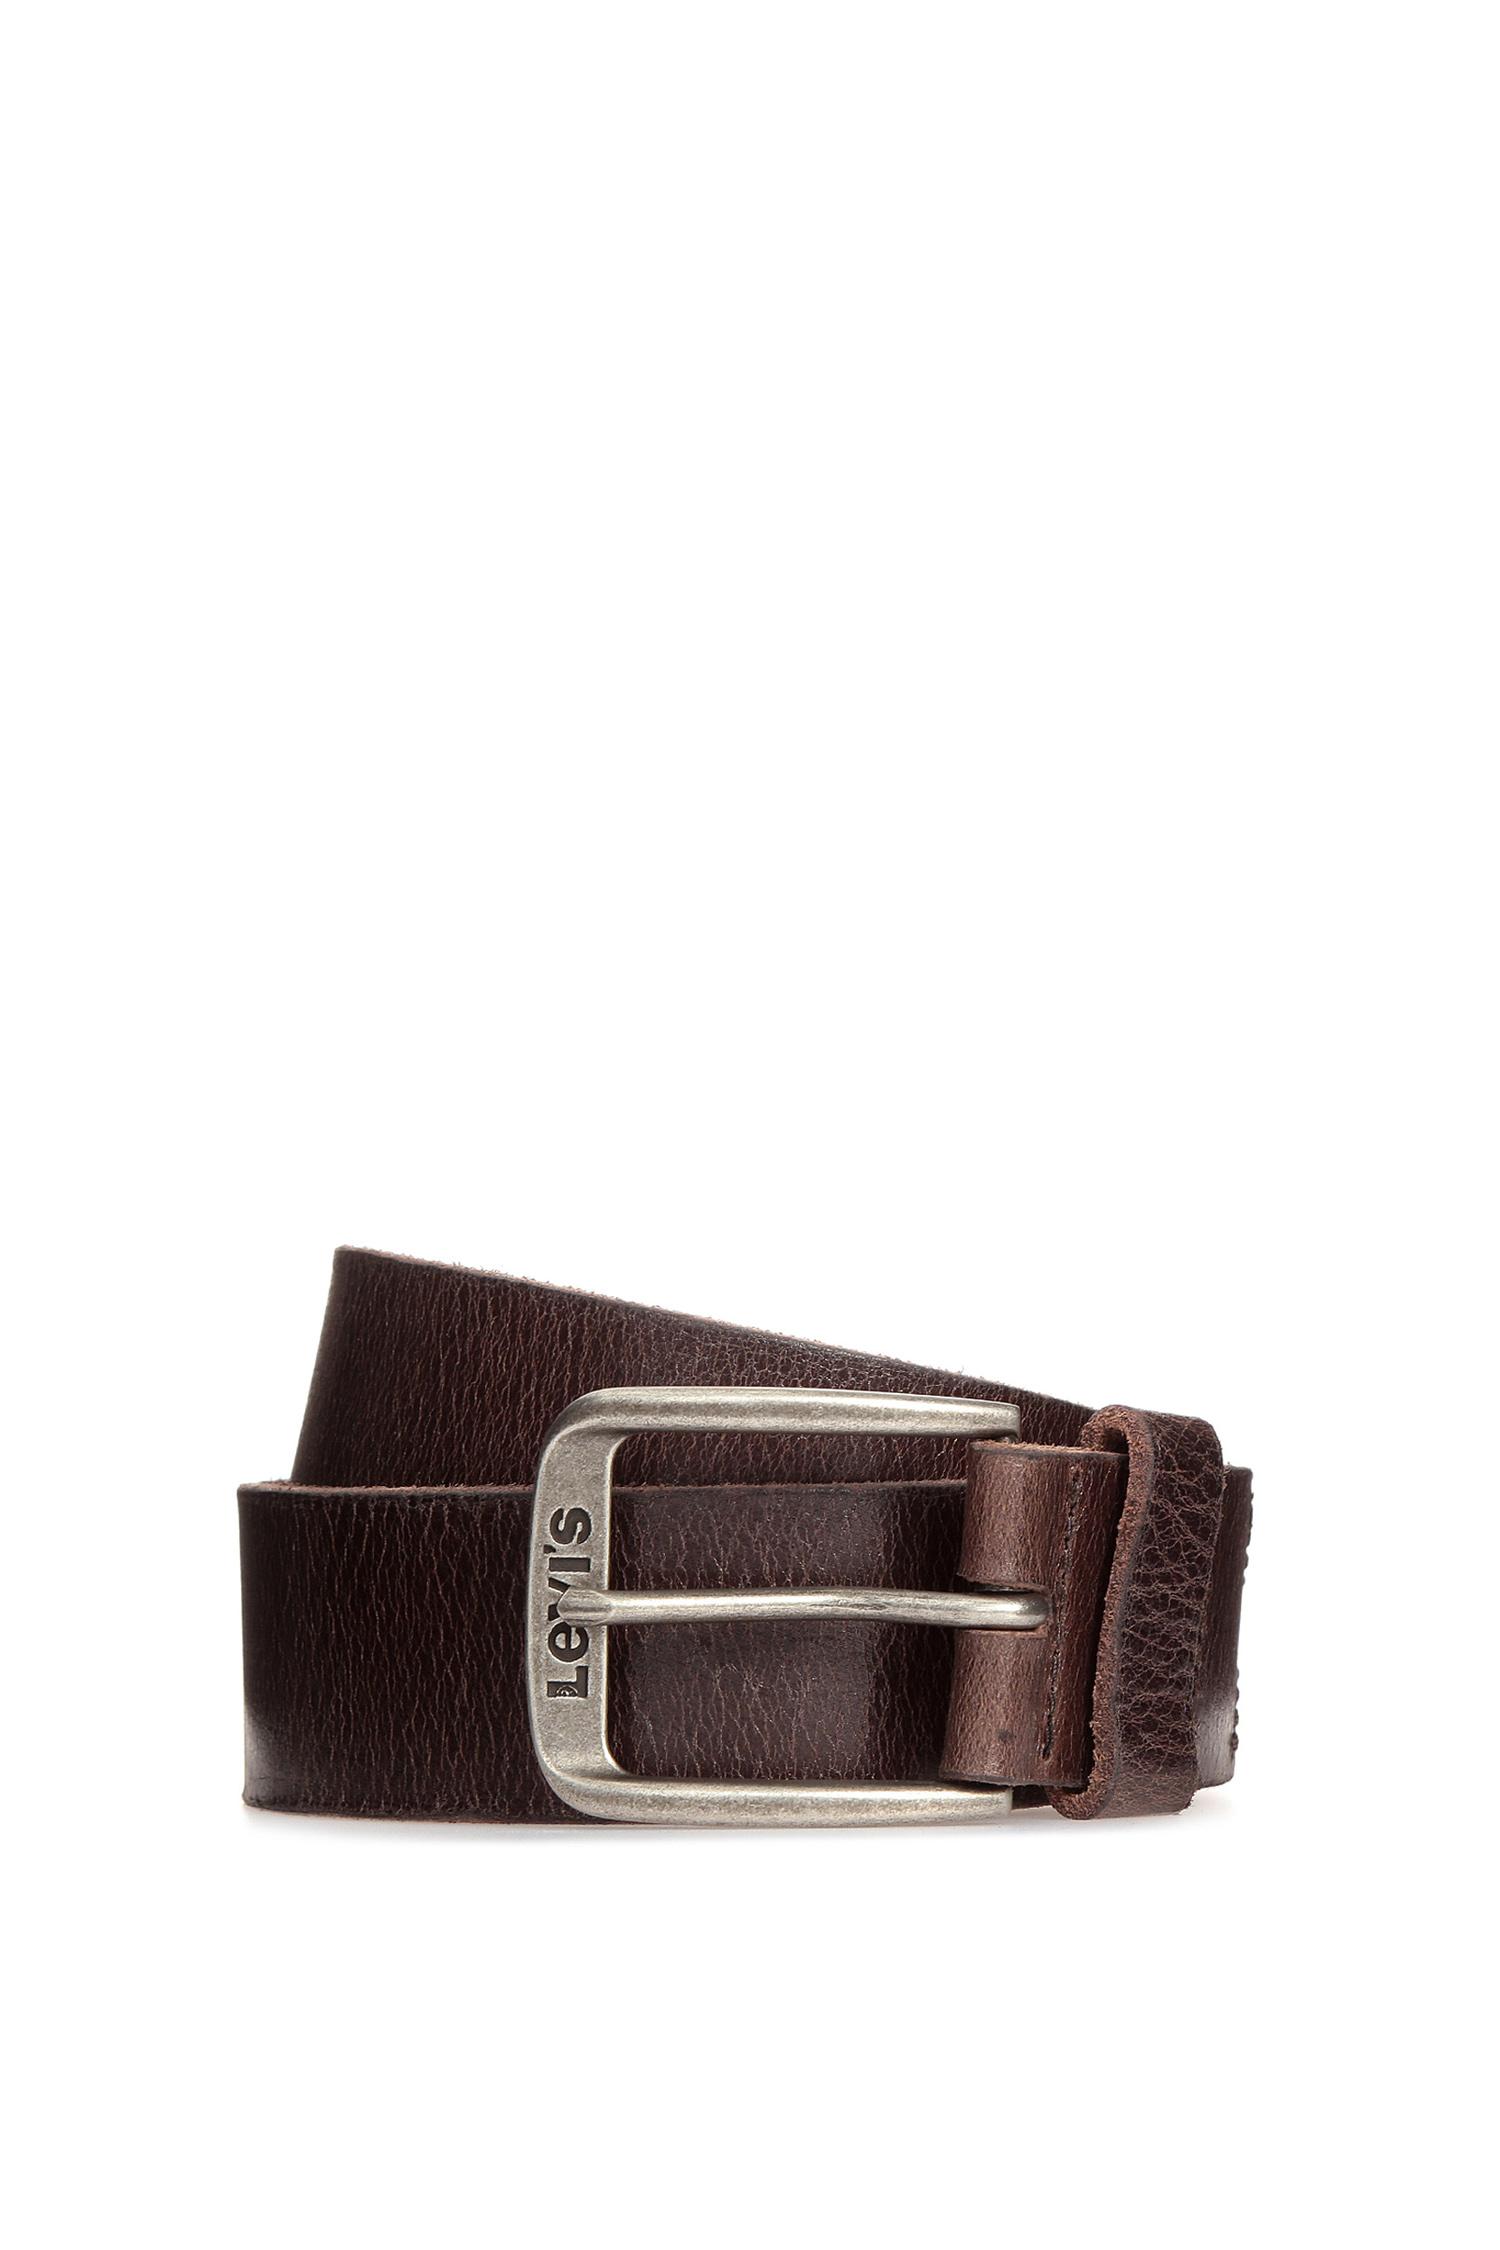 Мужской коричневый кожаный ремень Levi's 223850;4.29